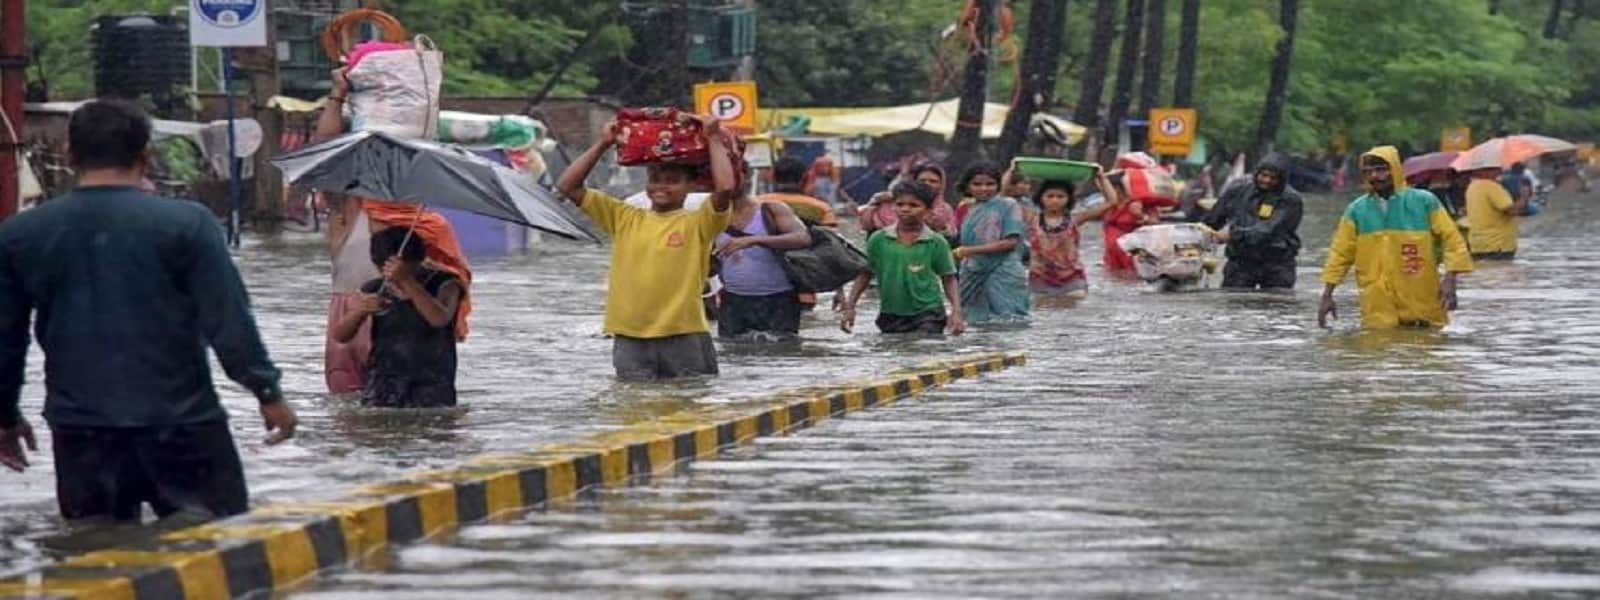 பீஹாரில் வௌ்ள அனர்த்தங்களால் 42 பேர் உயிரிழப்பு